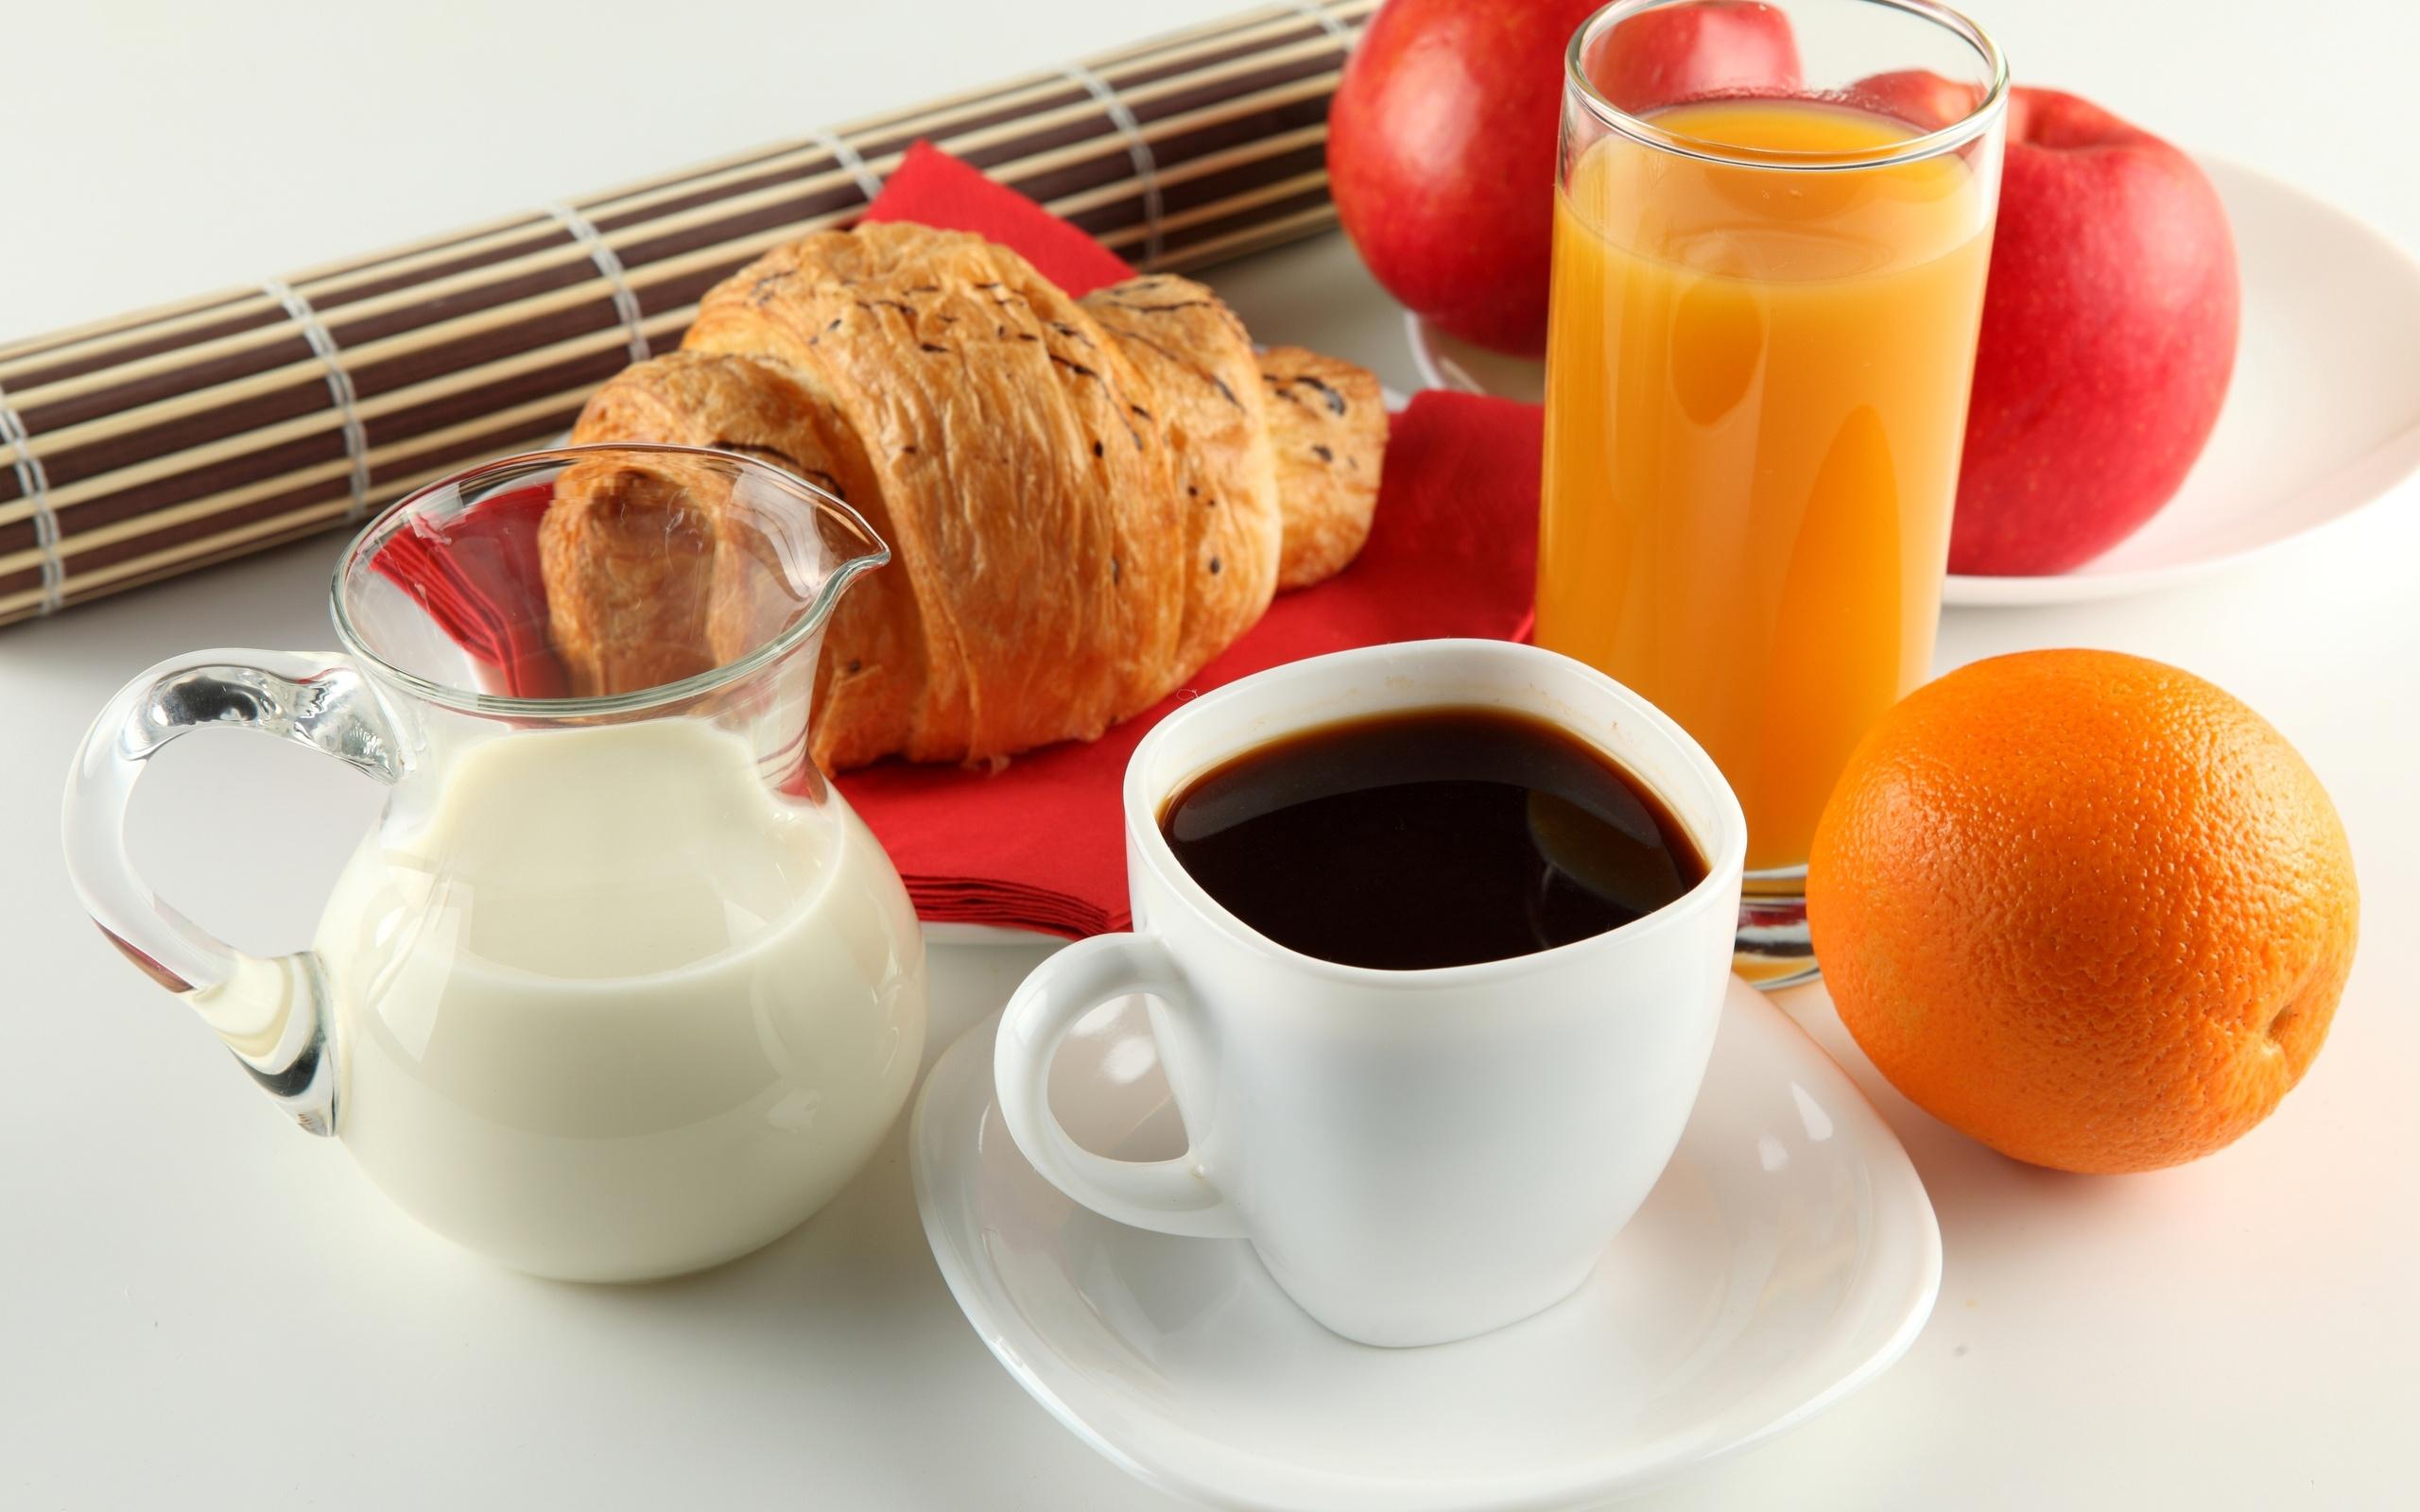 Завтрак, молоком, круасан, апельсиновый сок, напиток кофе картинки, 2560 на 1600 пикселей